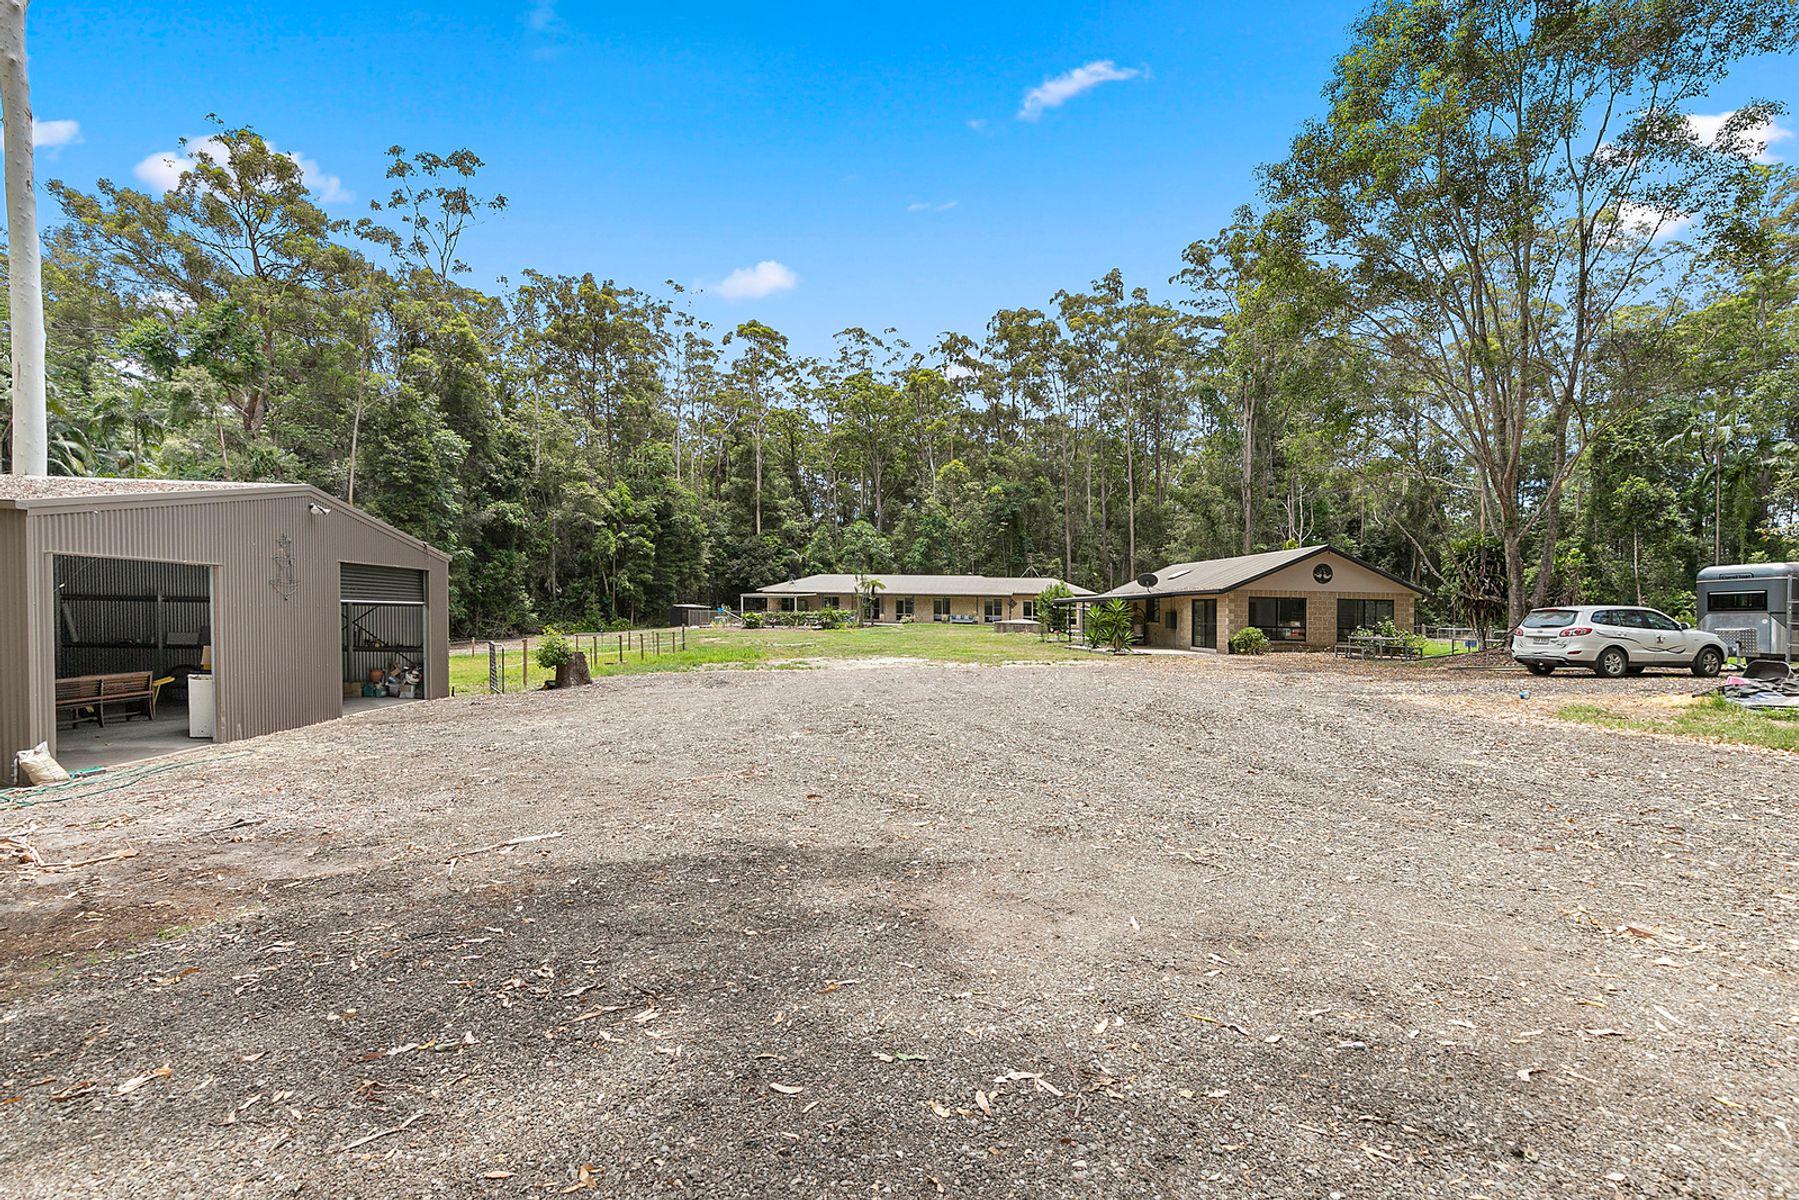 82-84 Dales Road, Chevallum, QLD 4555